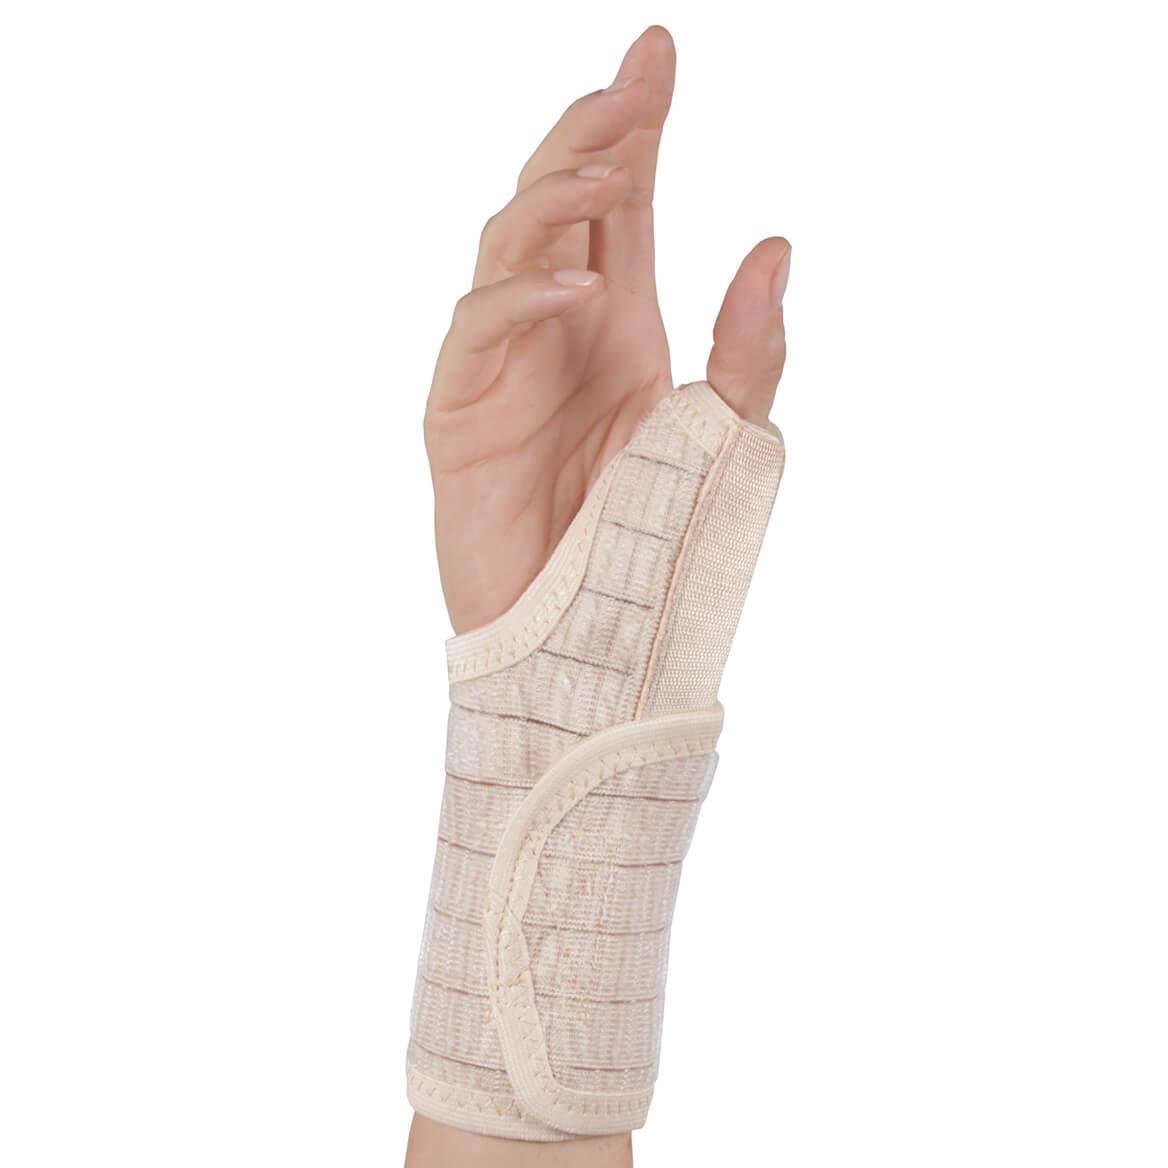 Thumb & Wrist Stabilizer-369980